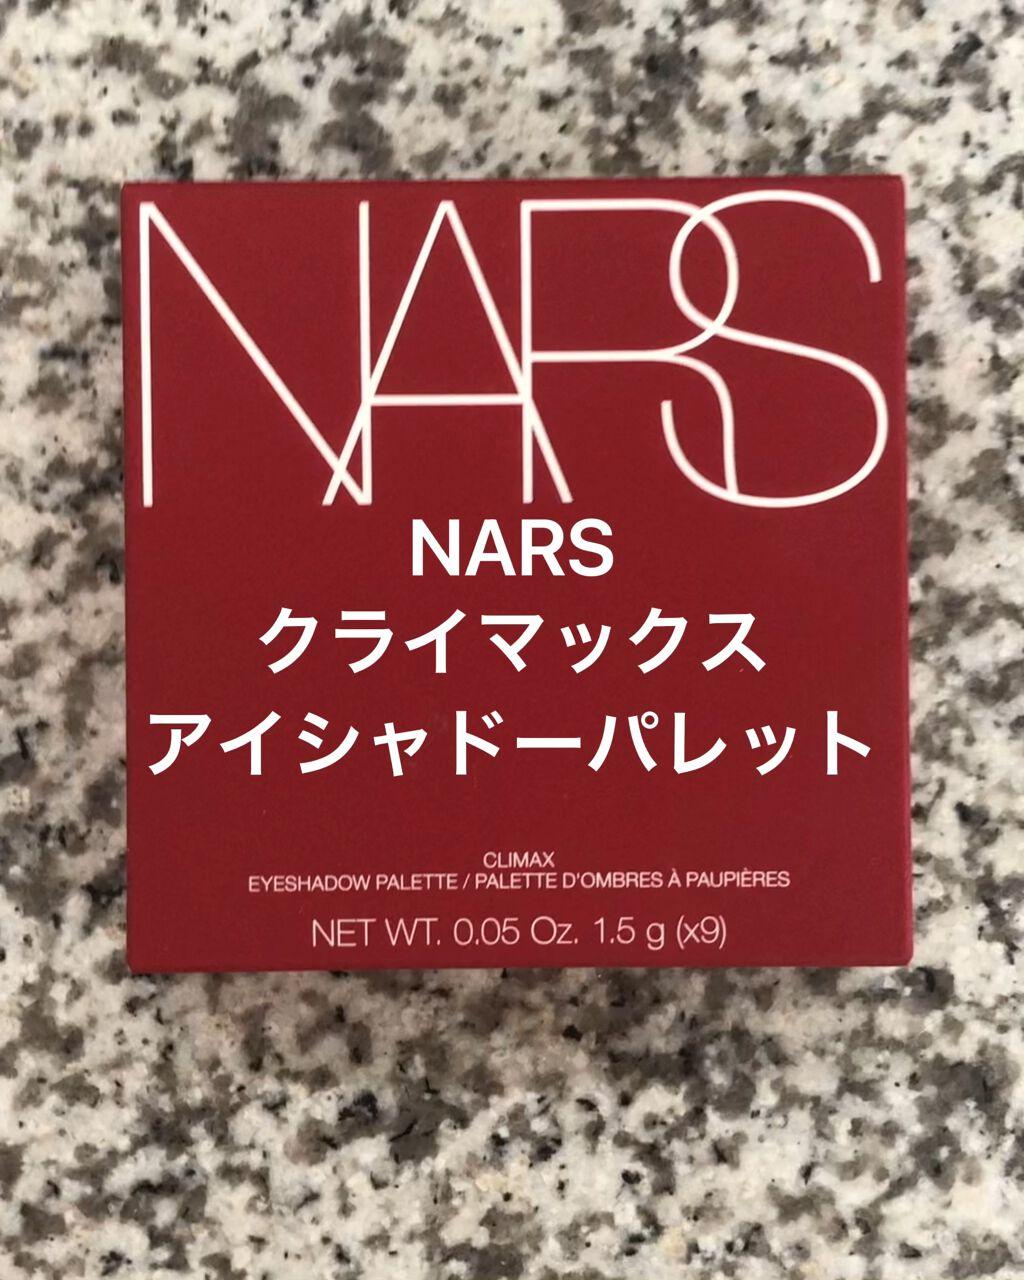 クライマックス アイシャドーパレット/NARS/パウダーアイシャドウを使ったクチコミ(1枚目)